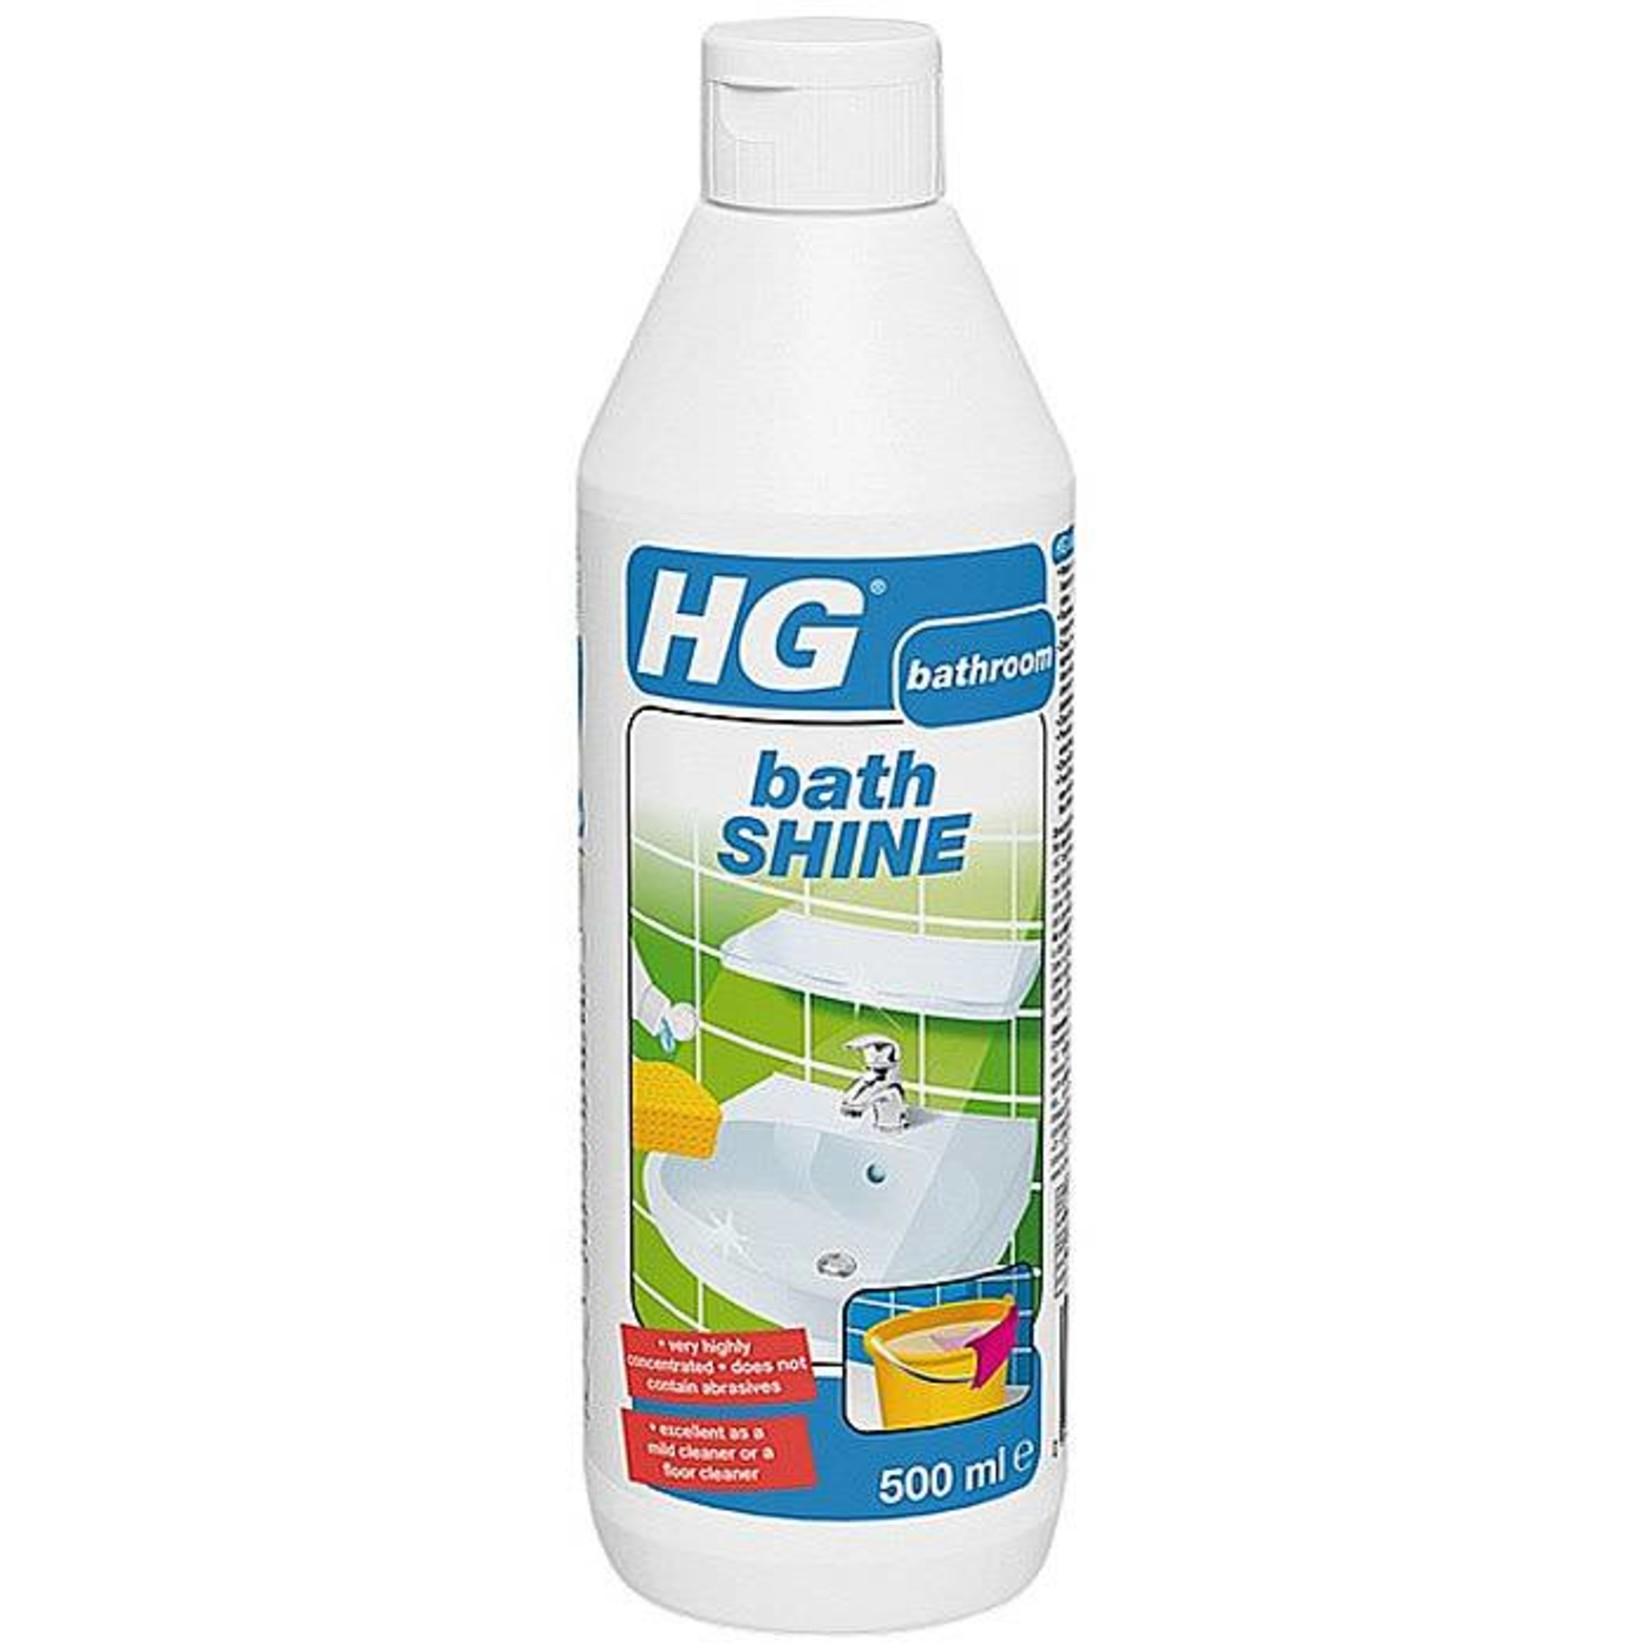 HG HG BATH SHINE 500ML